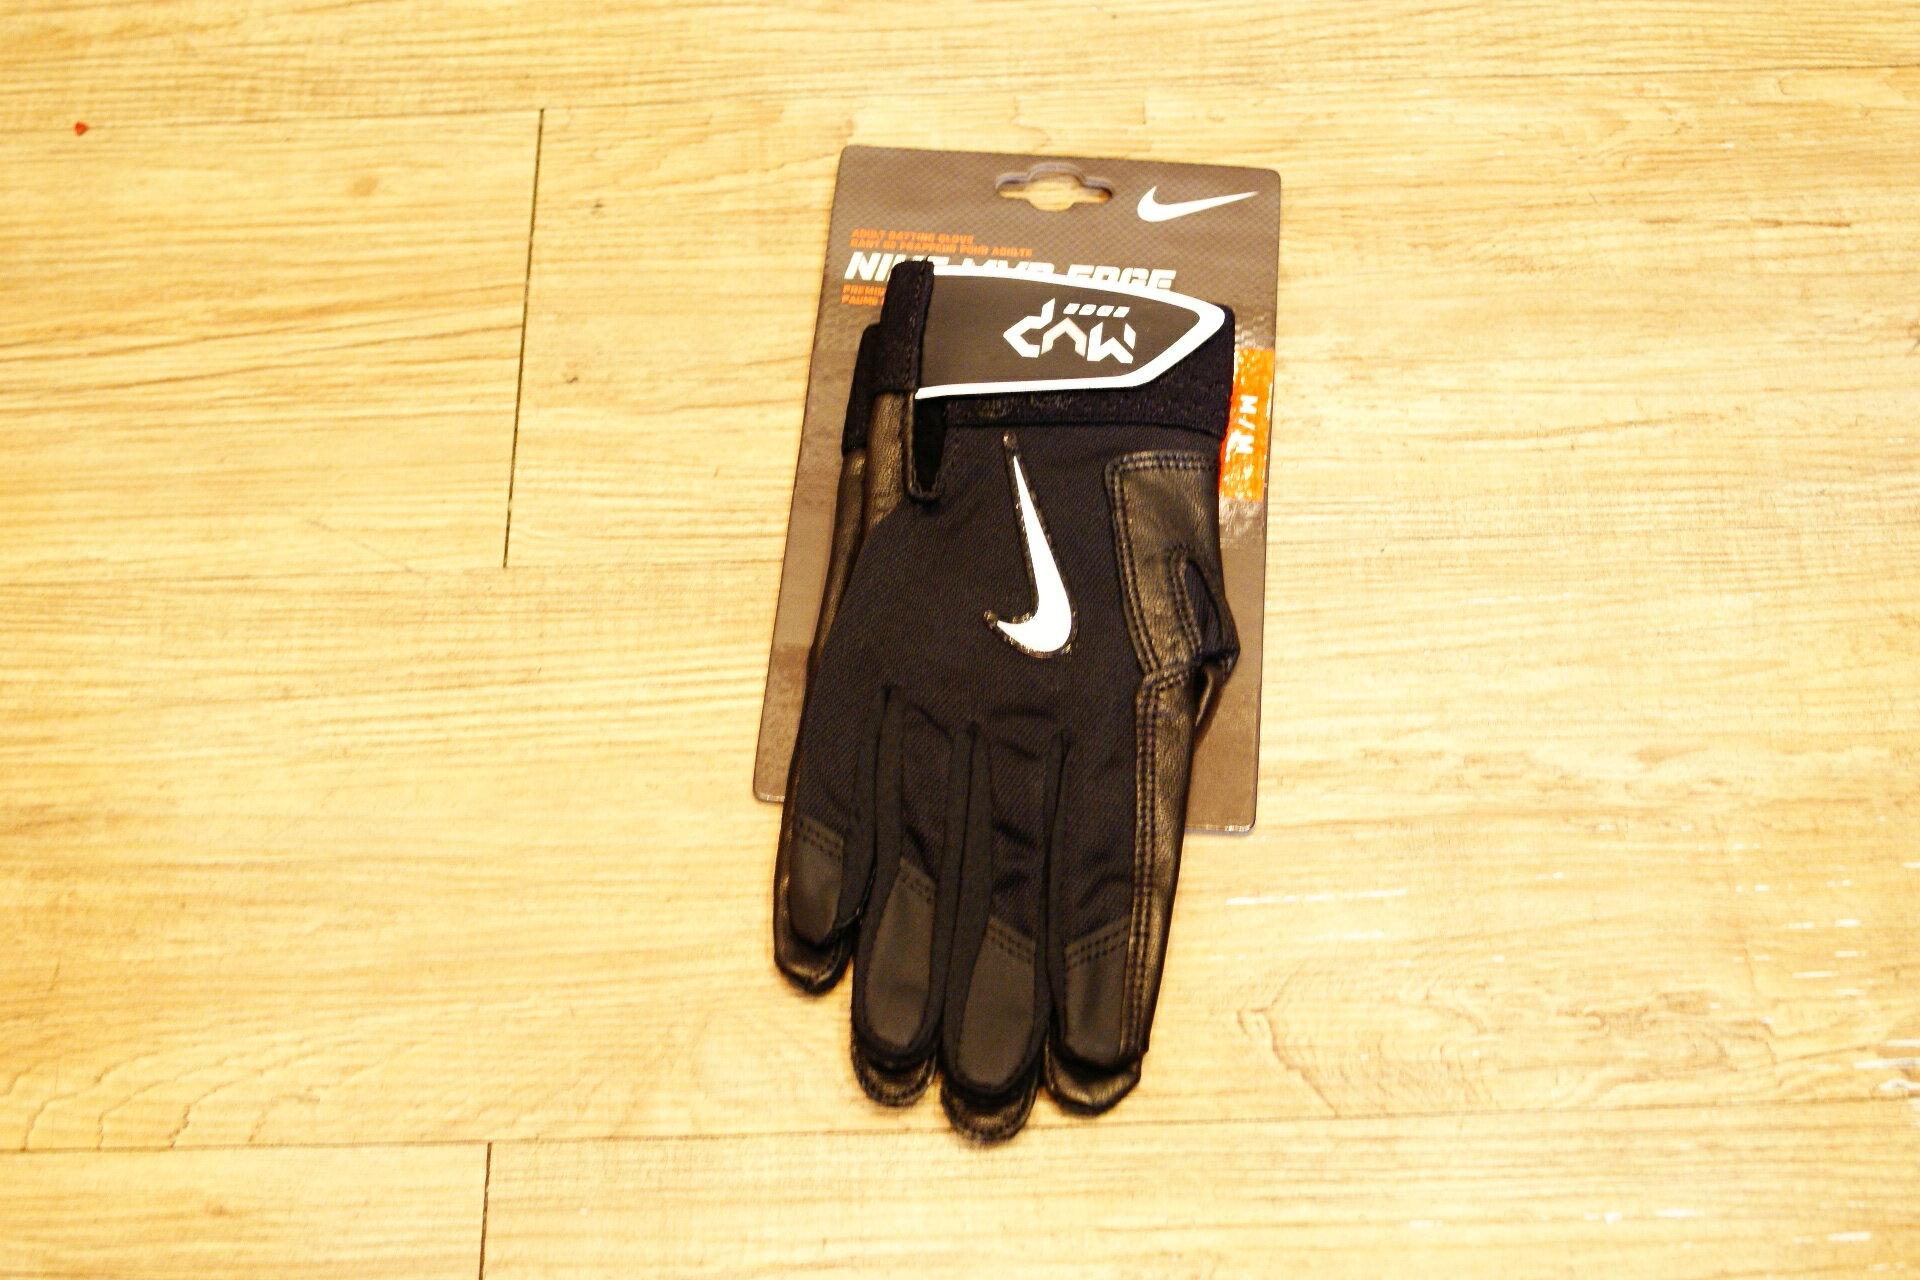 棒球世界 Nike MVP EDGE 最新款打擊手套每雙特價 黑色